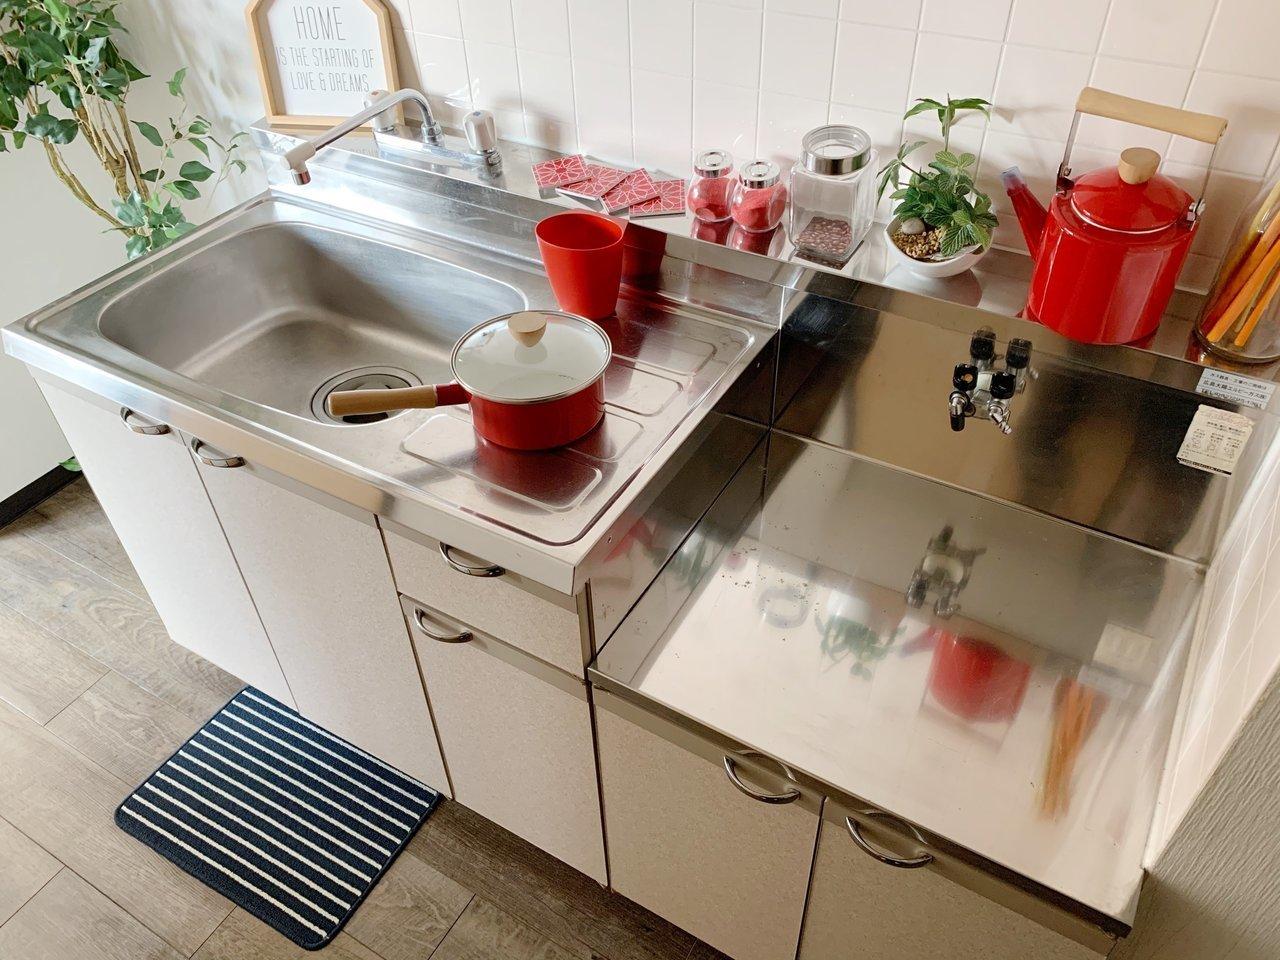 コンロ持ち込み式のキッチンはシンク広め、作業スペースもしっかりあります。